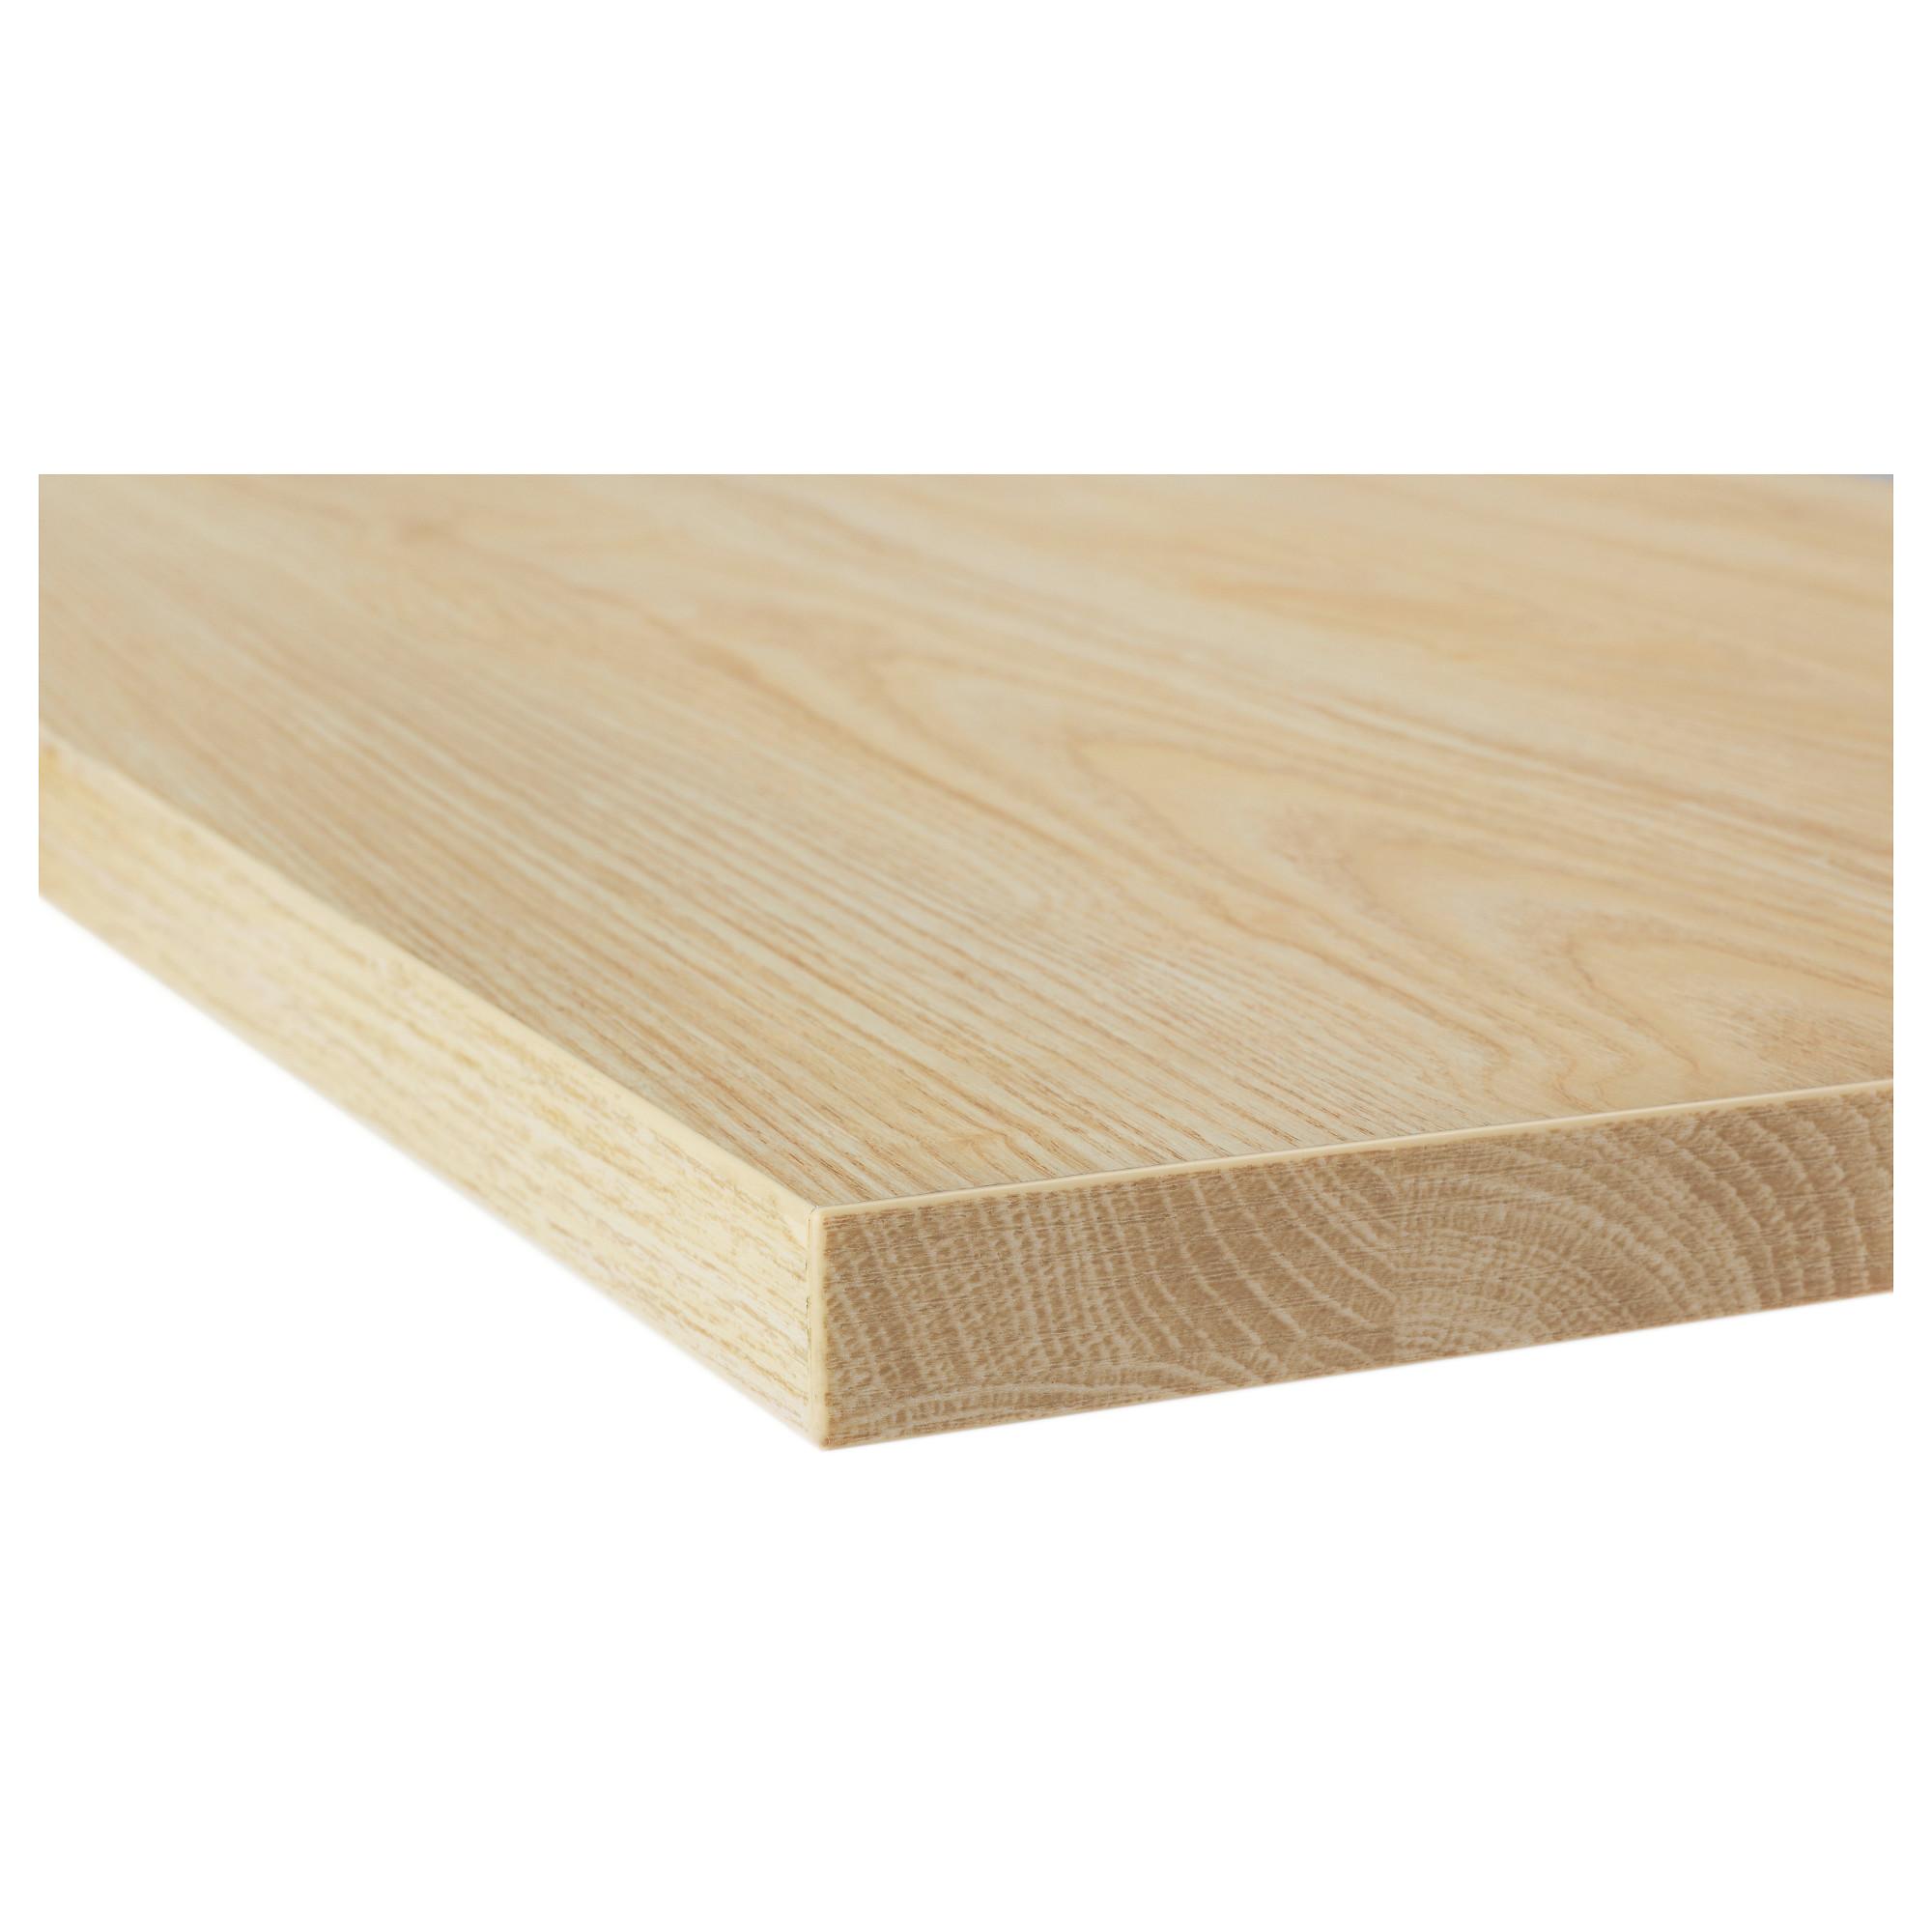 Plan de travail bois massif 70 cm